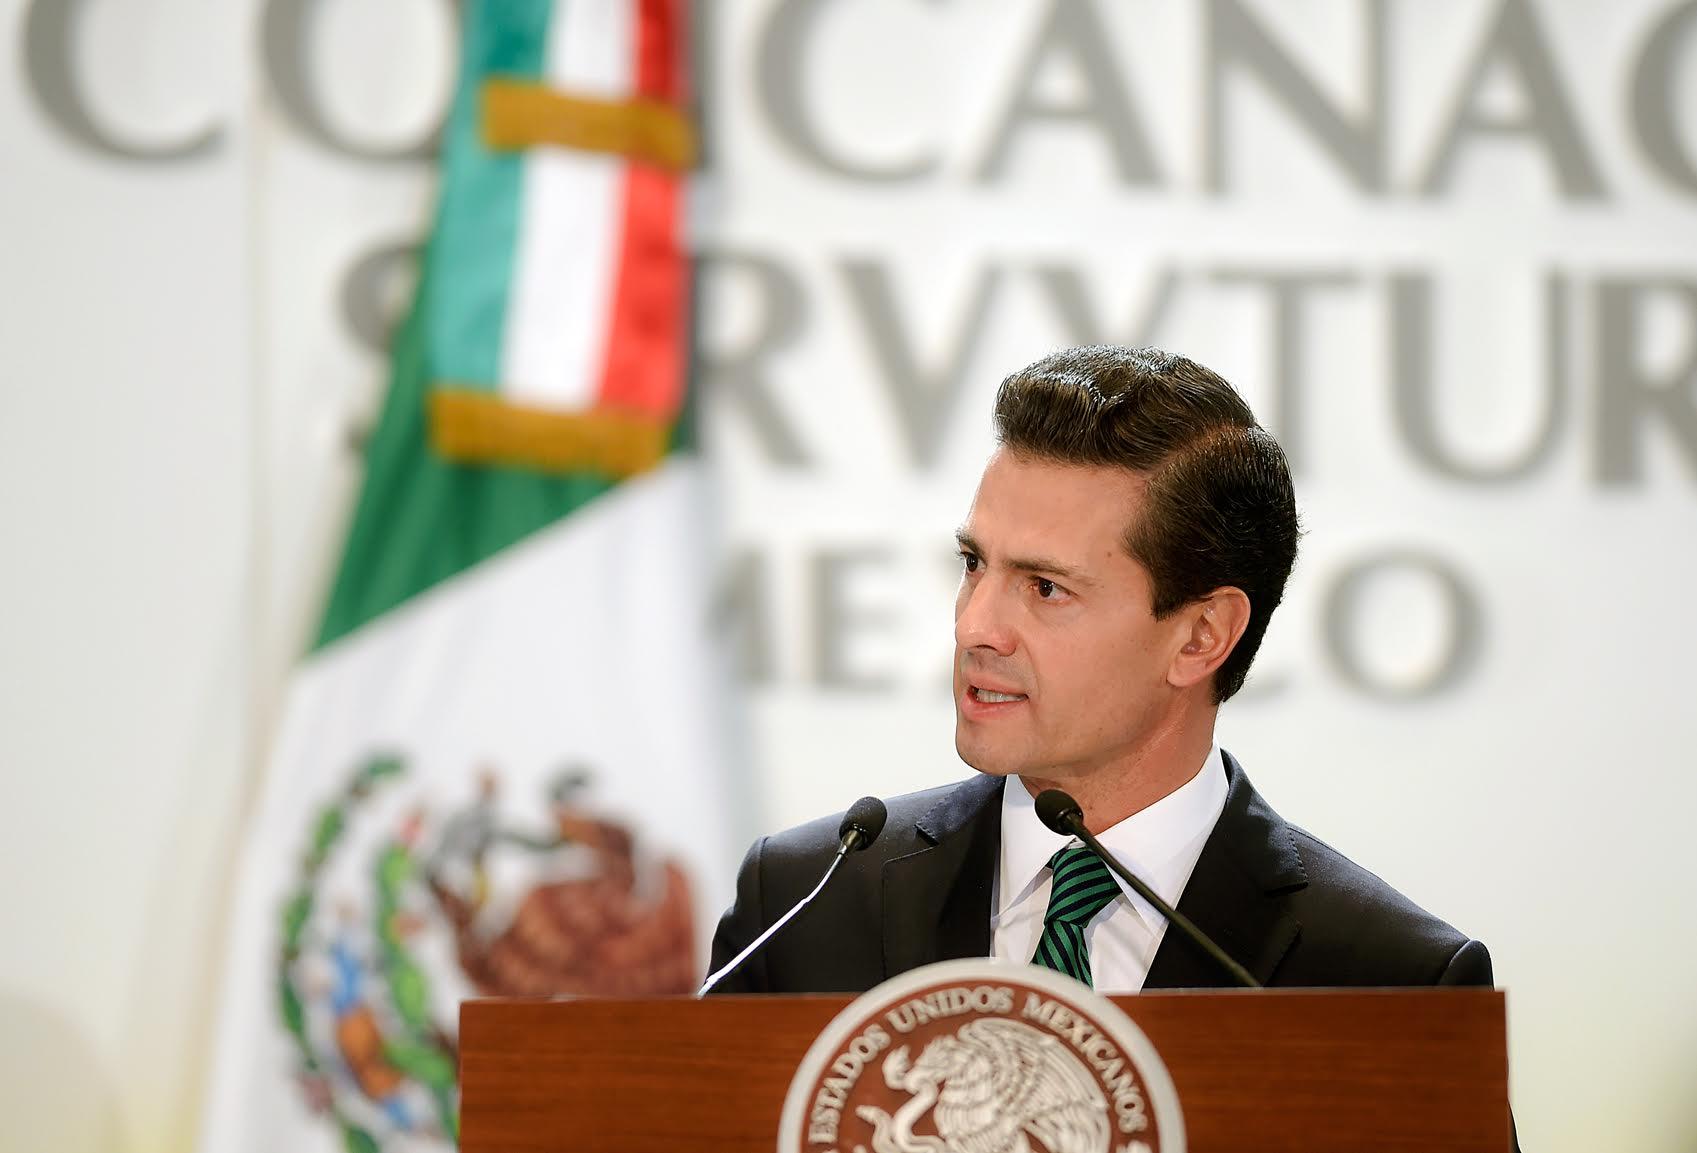 El Primer Mandatario toma protesta al Comité Ejecutivo y del Consejo Directivo de la CONCANACO-SERVyTUR 2016-2017.